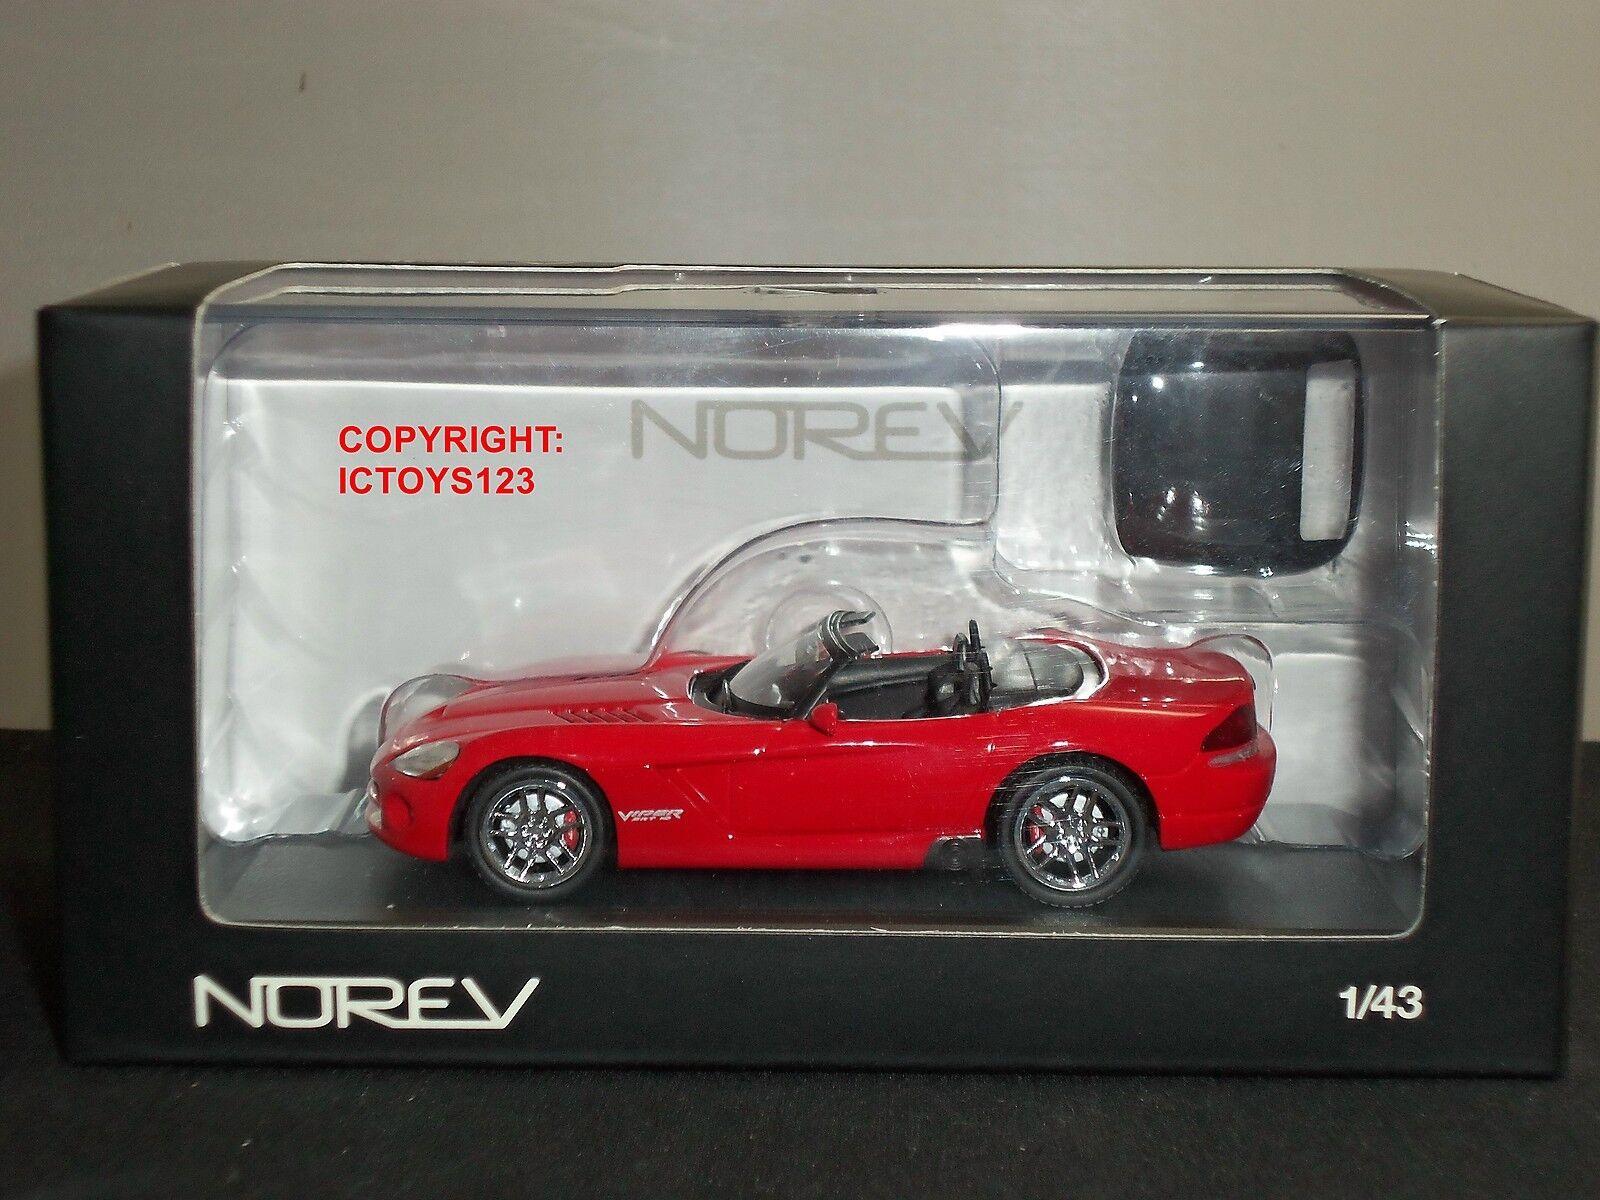 Norev 950025 Dodge Viper SRT10 Converdeible rojo Coche Modelo Diecast